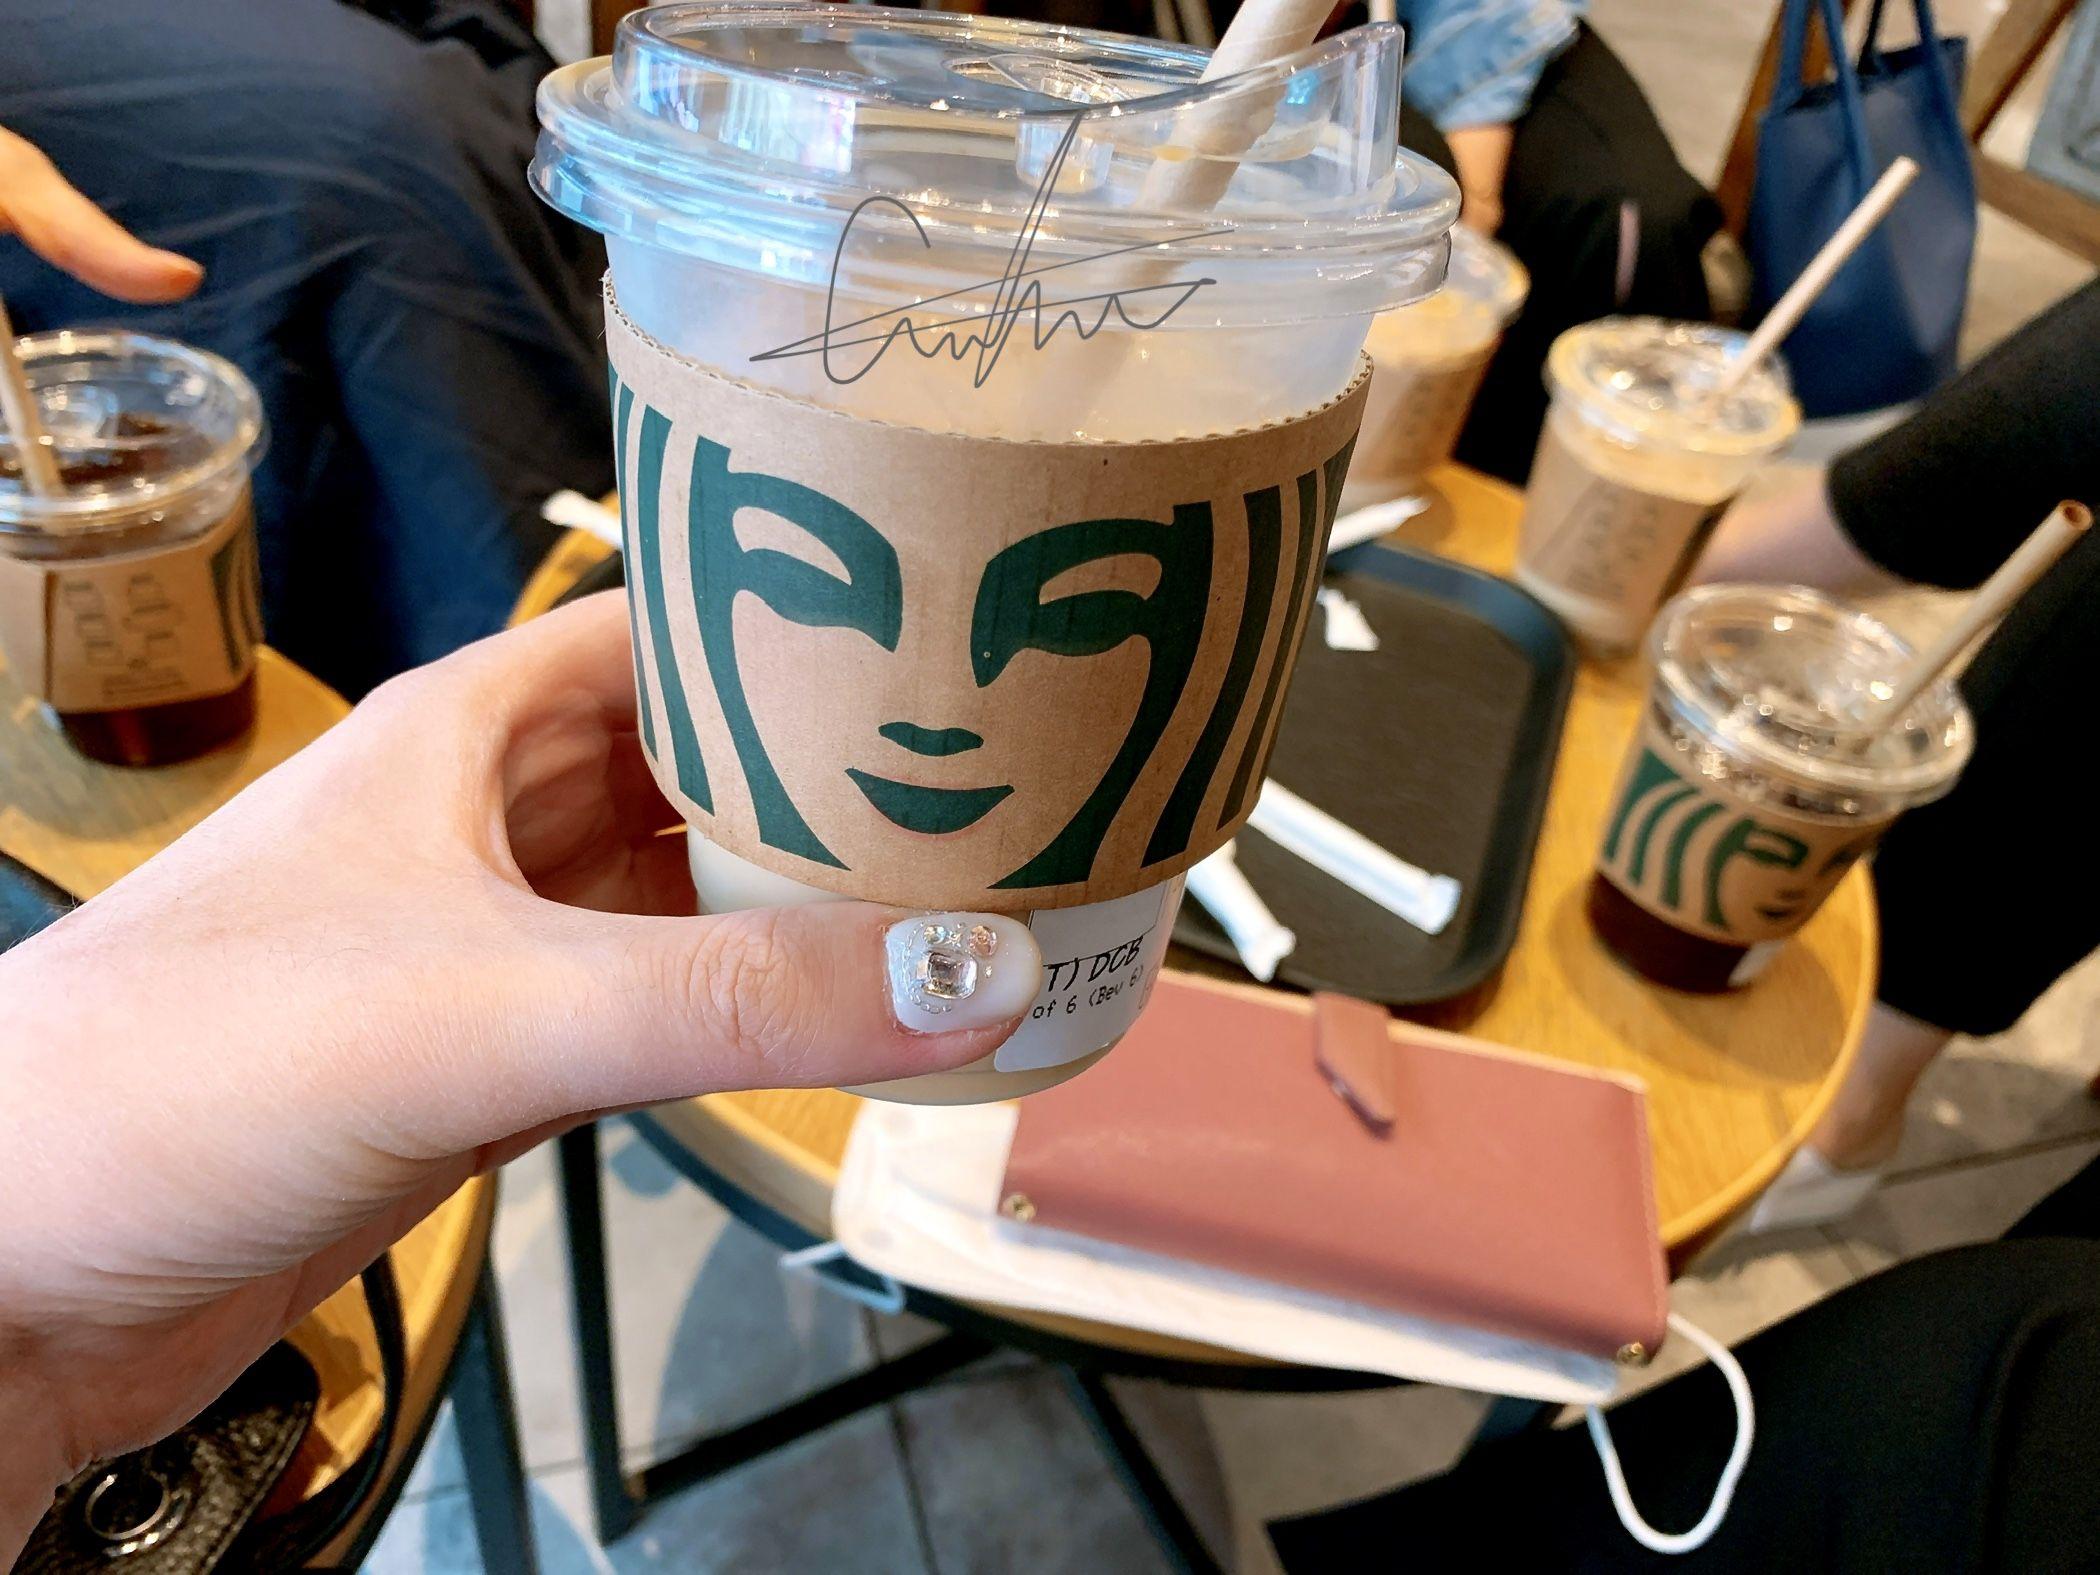 #오늘 #일상 #데일리 #스타벅스 #먹스타그램 #맛스타그램 #먹방 #먹부림 #daily #cafe #Starbucks #latte #chocolate  #sweet #coffee #cream #art #pic #photo #photooftheday #instafood #food #yum #tbt #yummy #instasize #instadaily #instagood #vsco #vscocam ☕